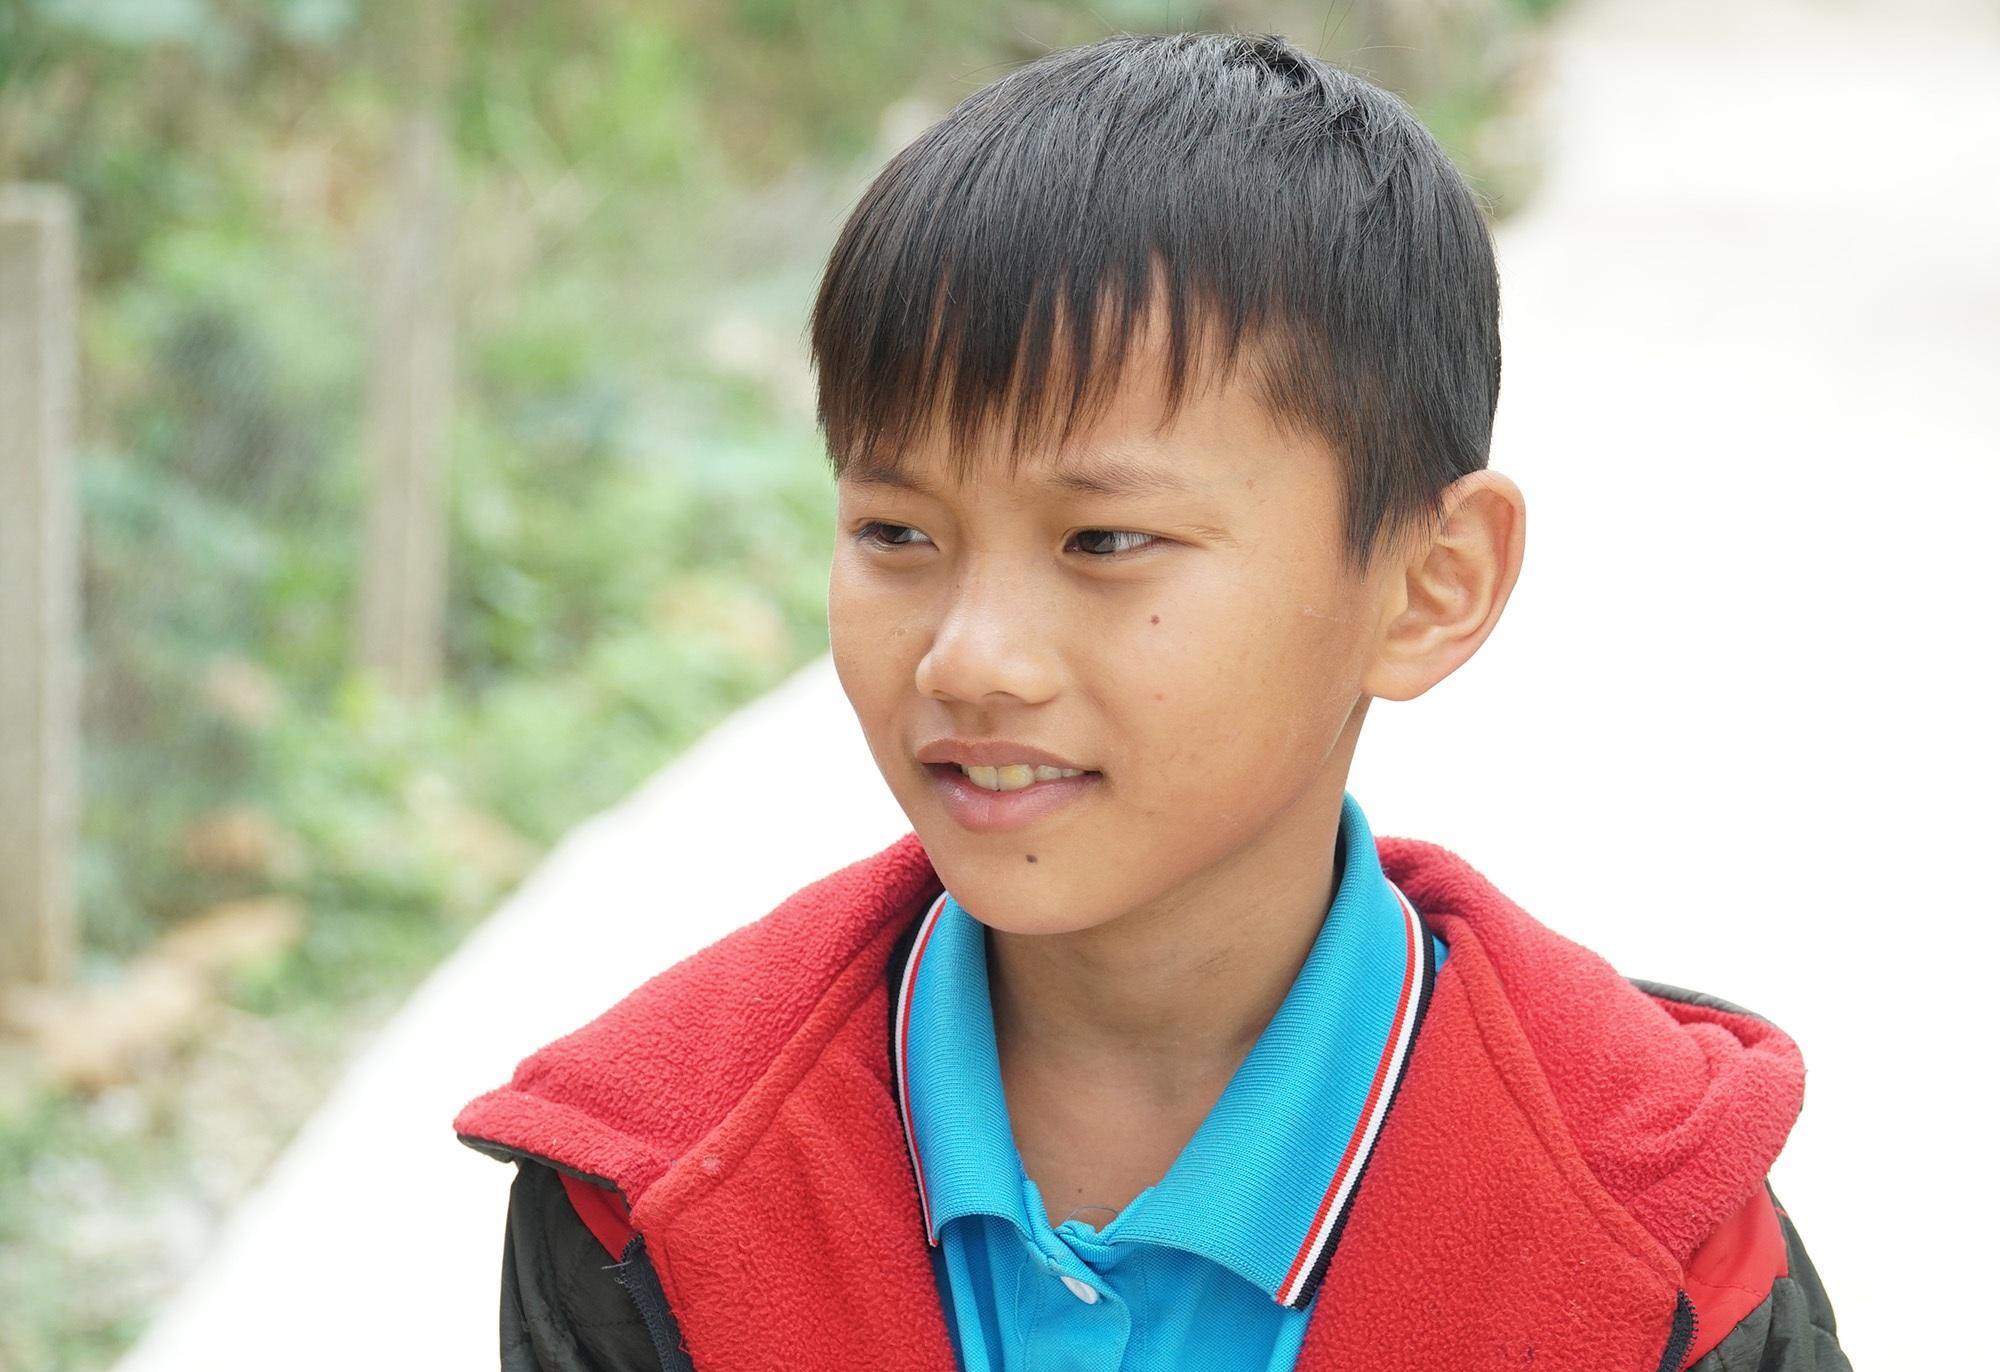 Cậu bé mồ côi cha mổ lợn góp tiền làm đường cho mẹ đi làm đồng - 1